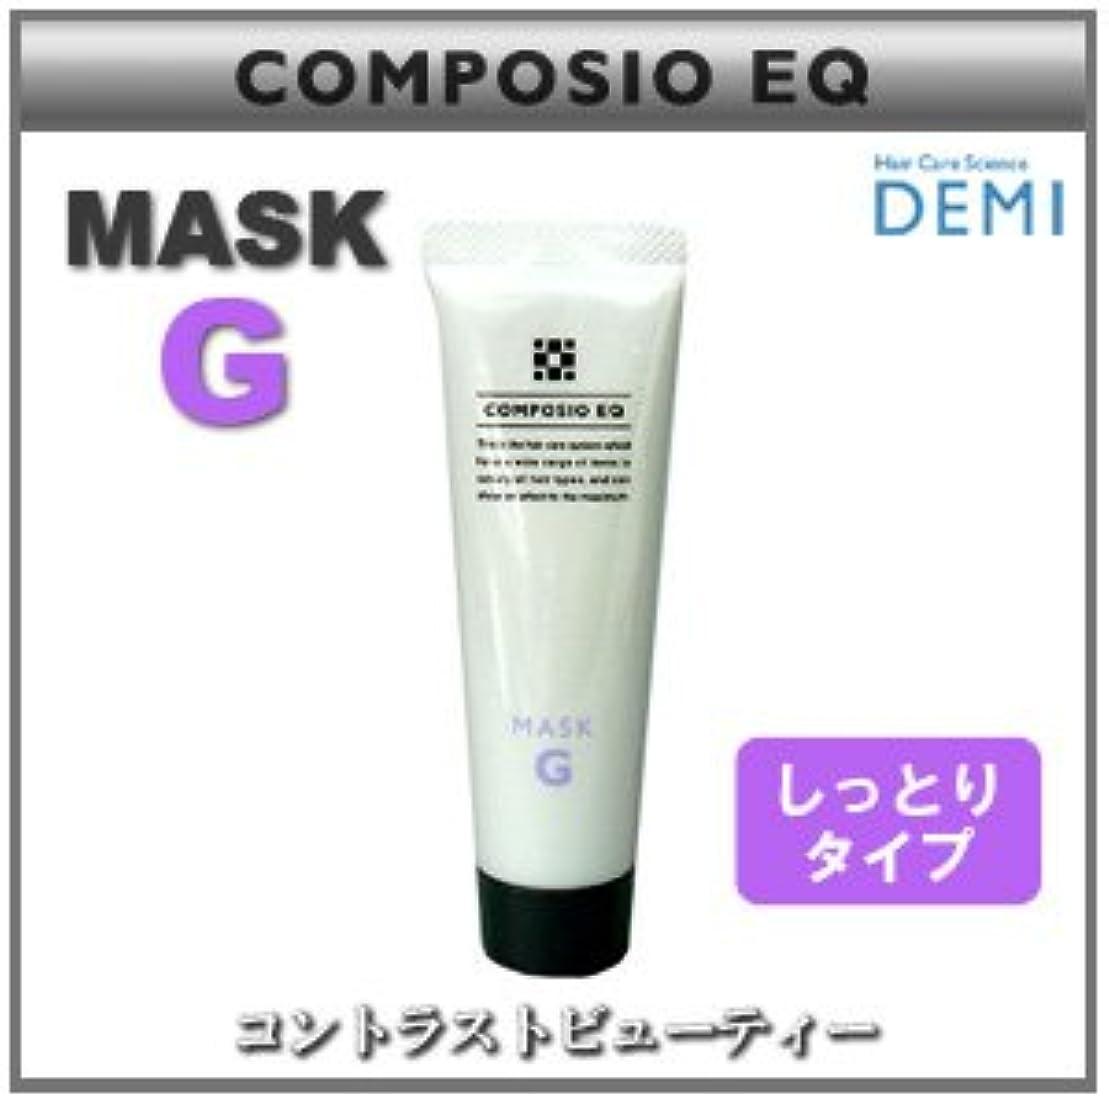 送料平らな乱闘【X2個セット】 デミ コンポジオ EQ マスク G 50g